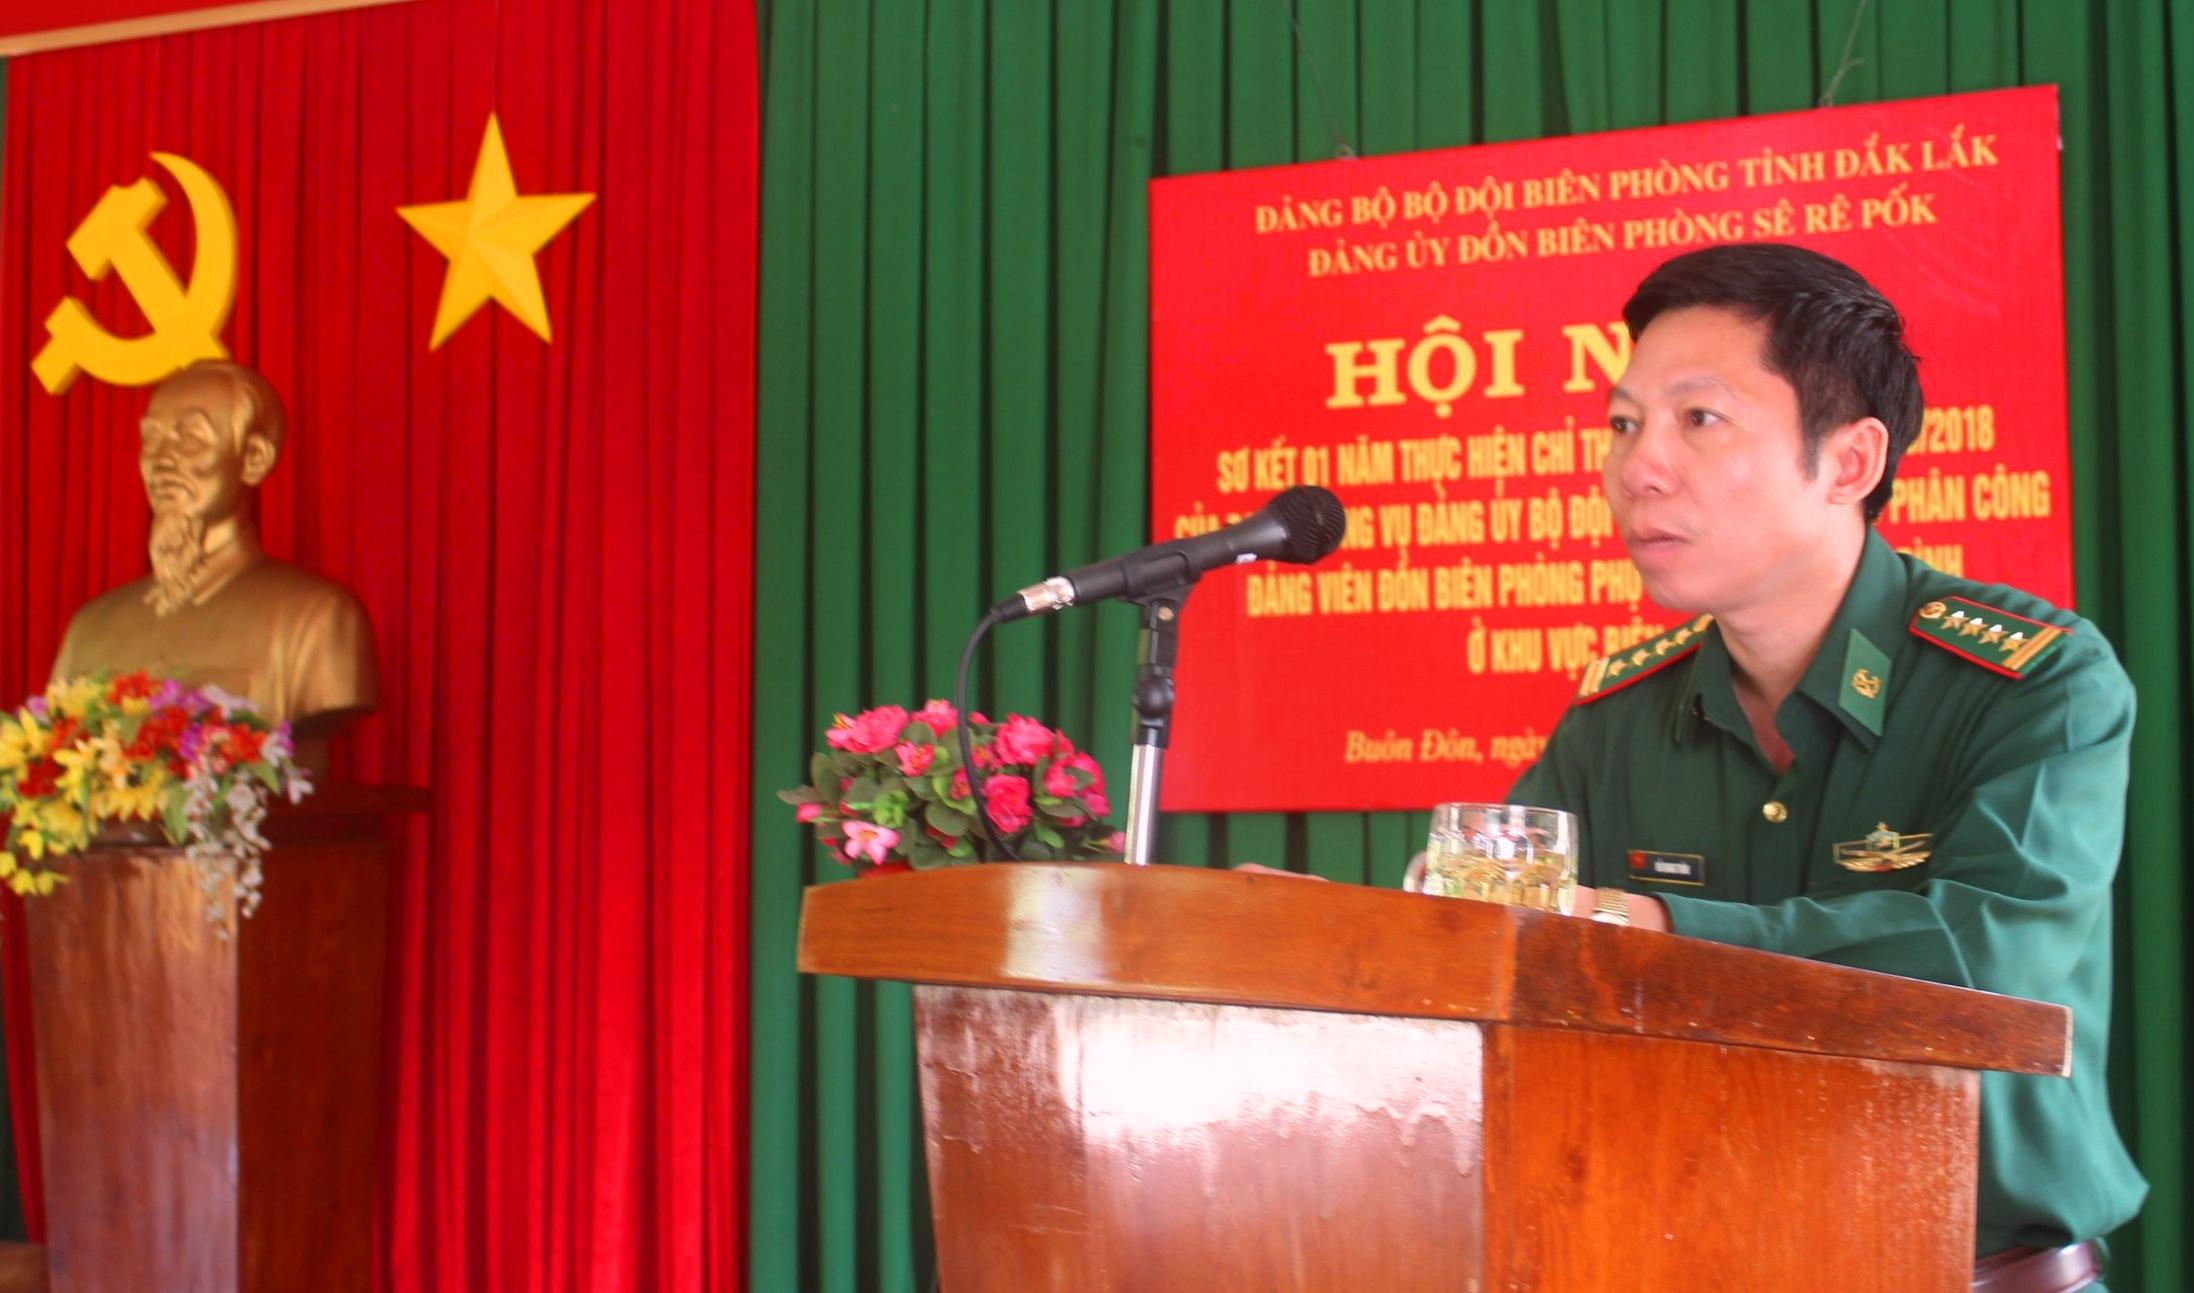 Phát huy vai trò đảng viên Đồn Biên phòng phụ trách các hộ gia đình ở khu vực biên giới tỉnh Đắk Lắk